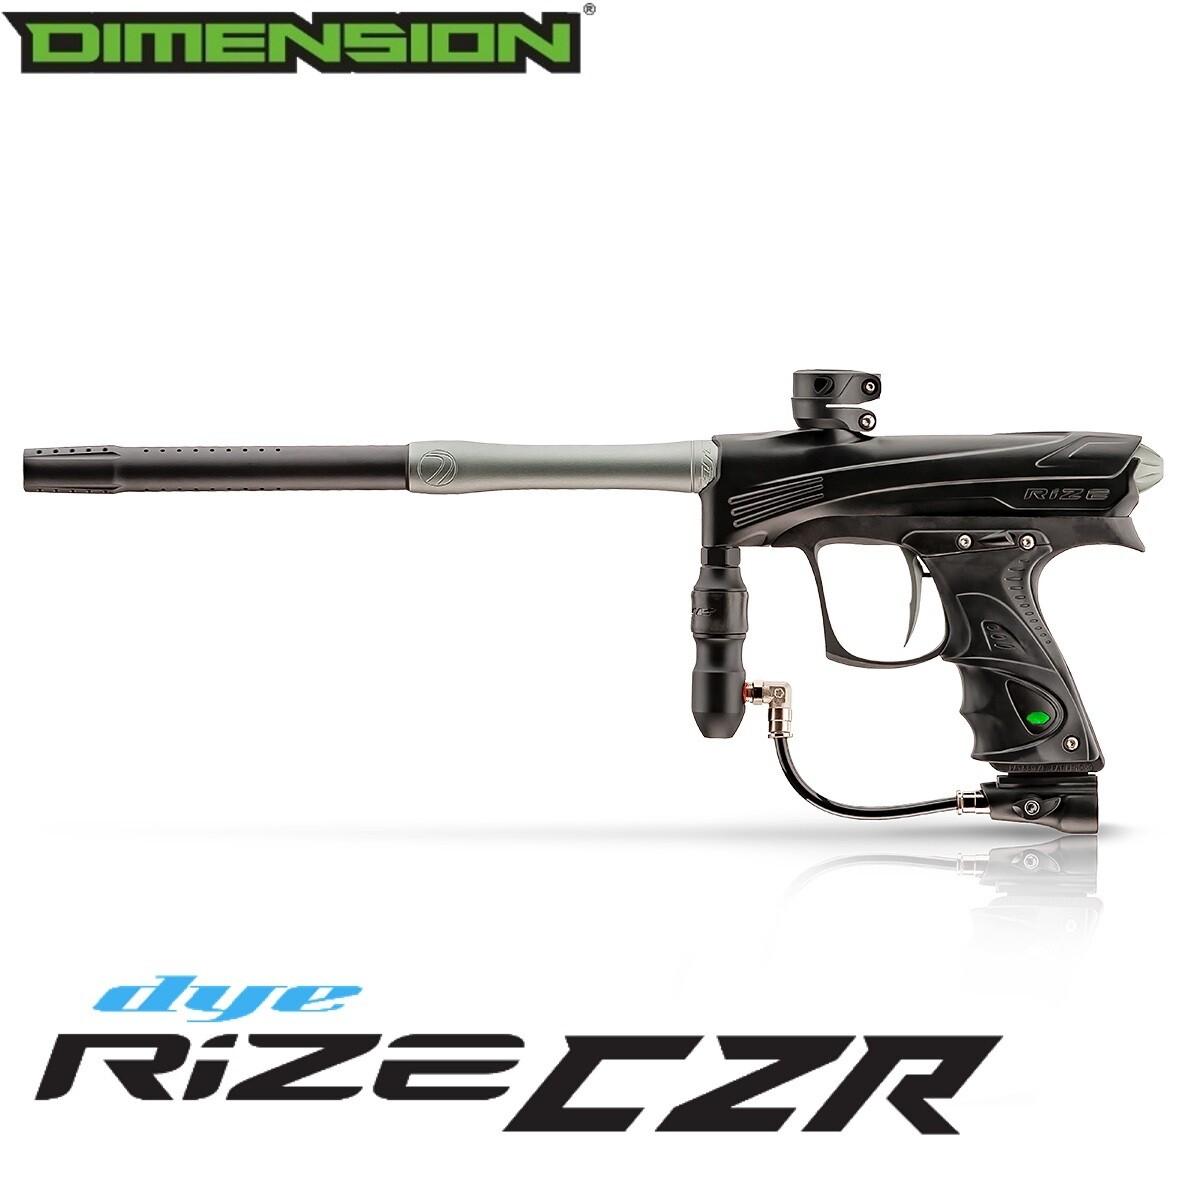 Dye Rize CZR Marker - Black/Grey Dust